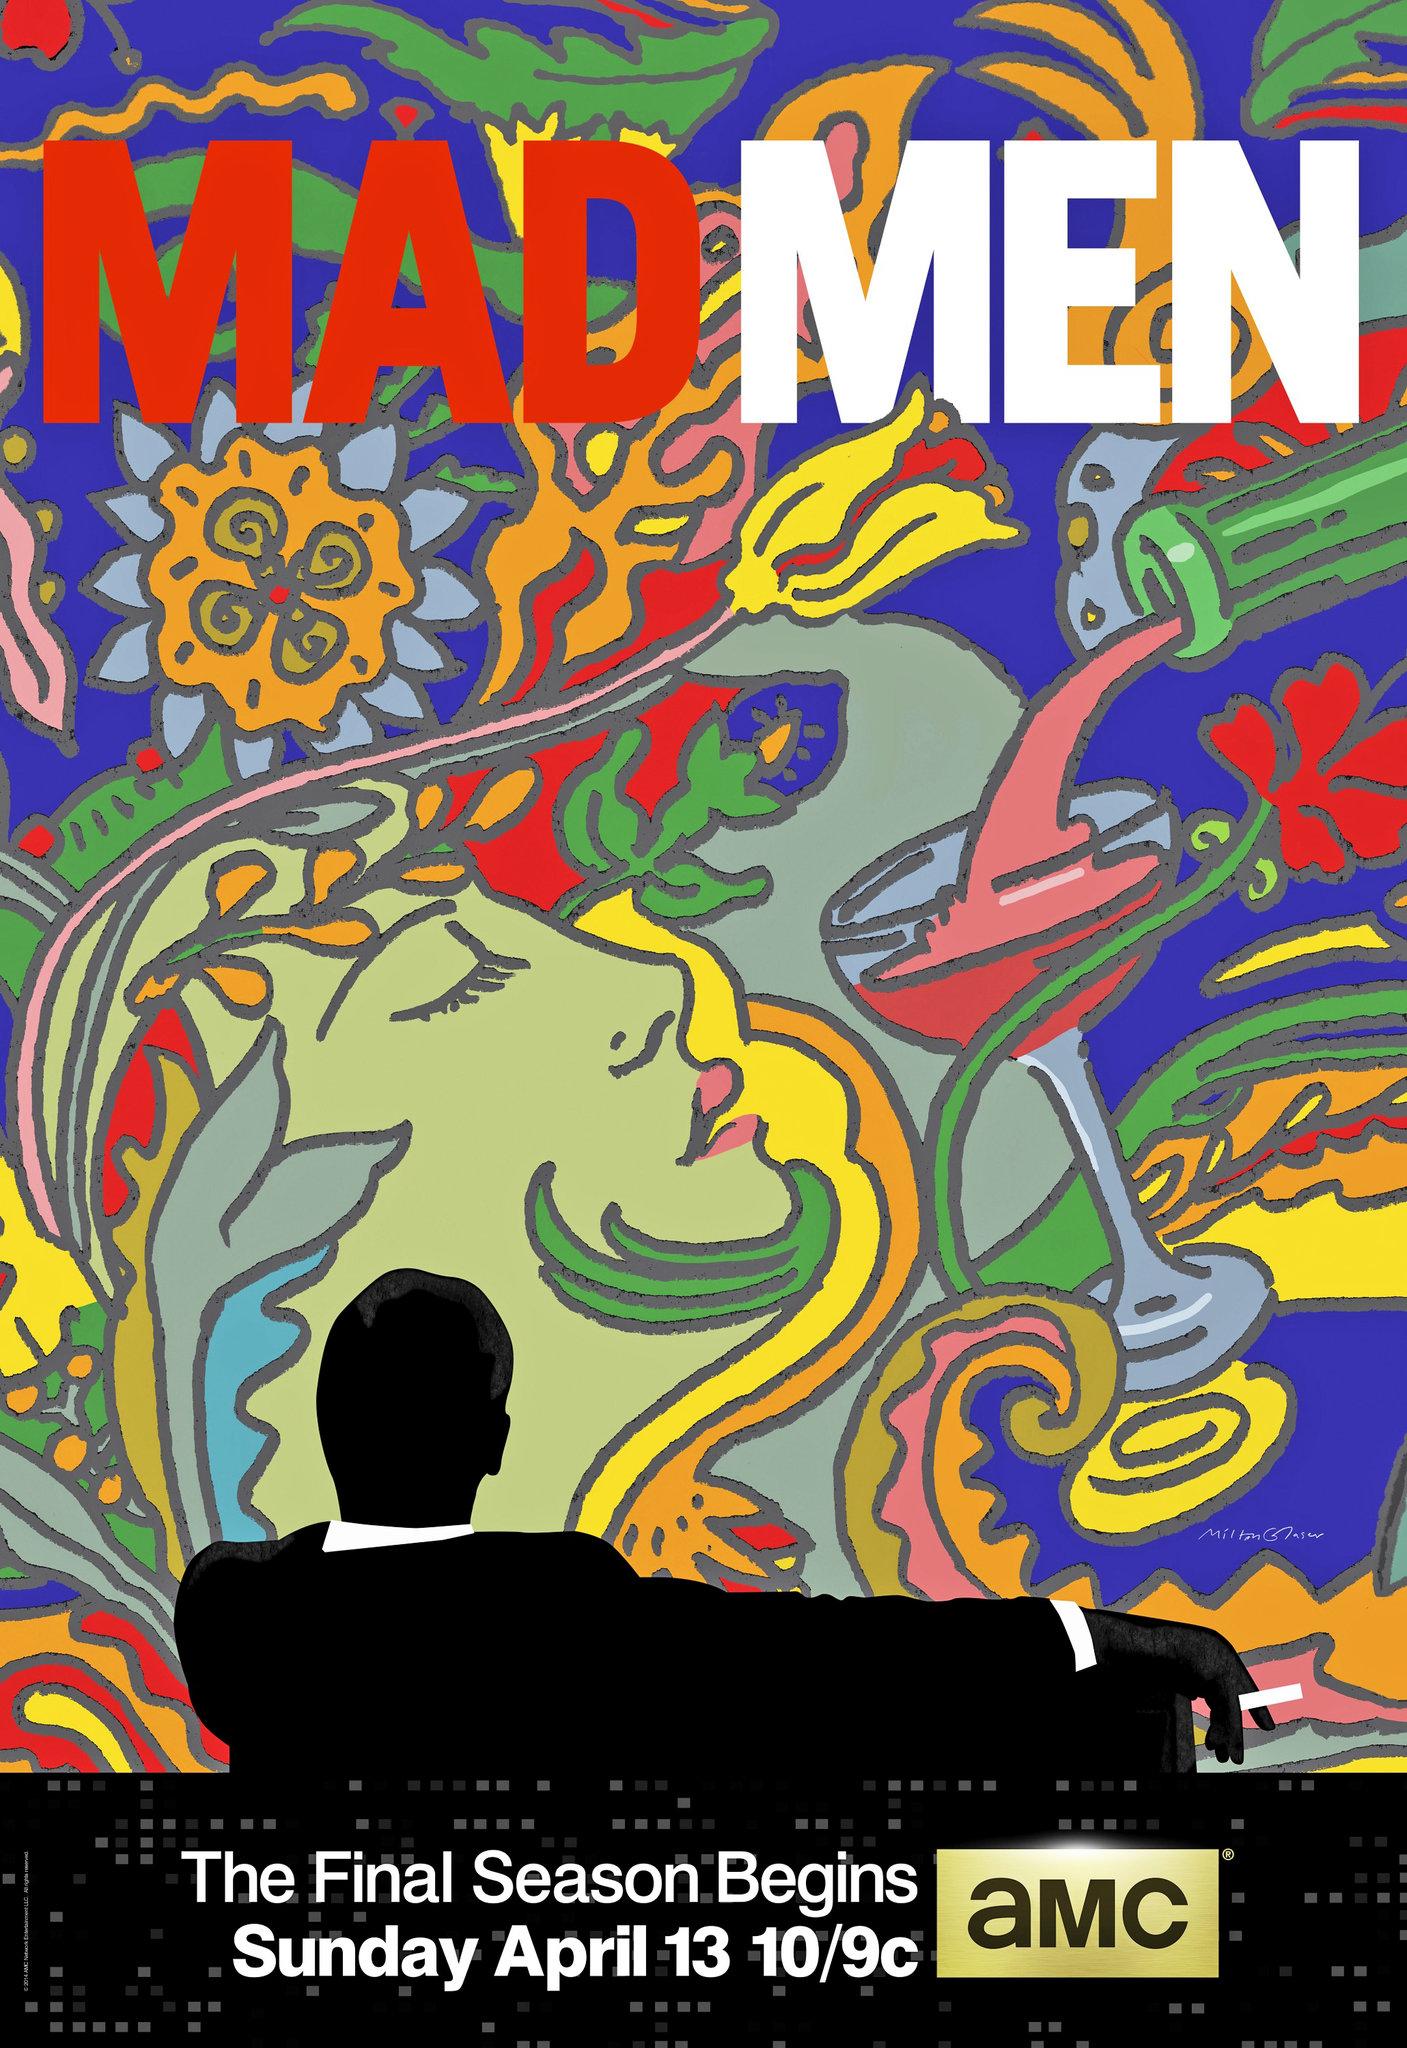 Nuevo Poster de la última temporada de Mad Men de AMC. Mad Men de AMC parece maldito en la entrega de los Emmy Awards, ya que pese a sus 32 nominaciones, nunca han logrado ganar la estatuilla. Los Primetime Emmy Awards se llevarán a cabo el próximo 23 de Agosto en NBC para Estados Unidos y Warner Channel y TNT para Latinoamérica.